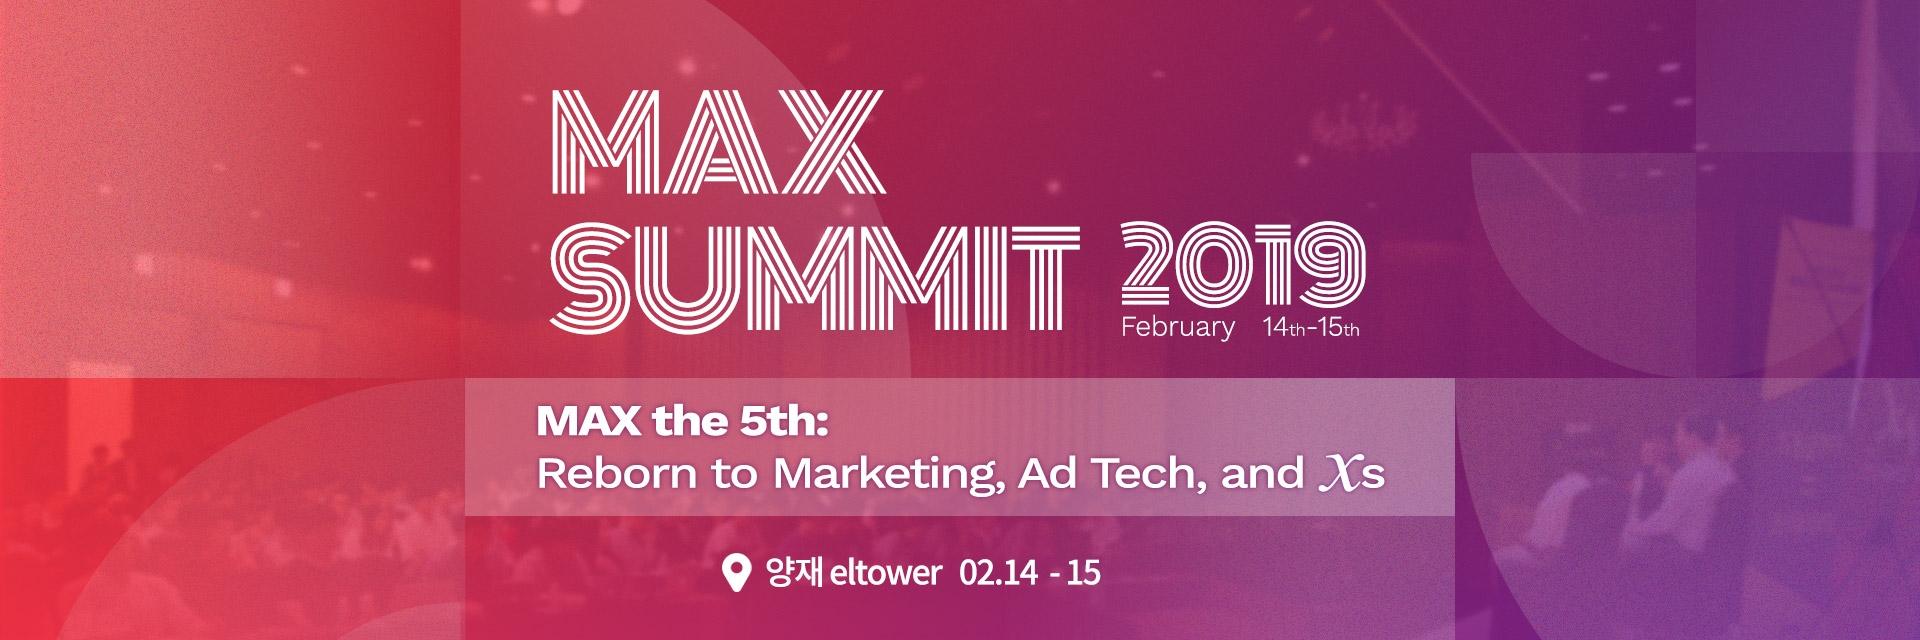 이벤터스_MAX SUMMIT 2019, 맥스써밋2019